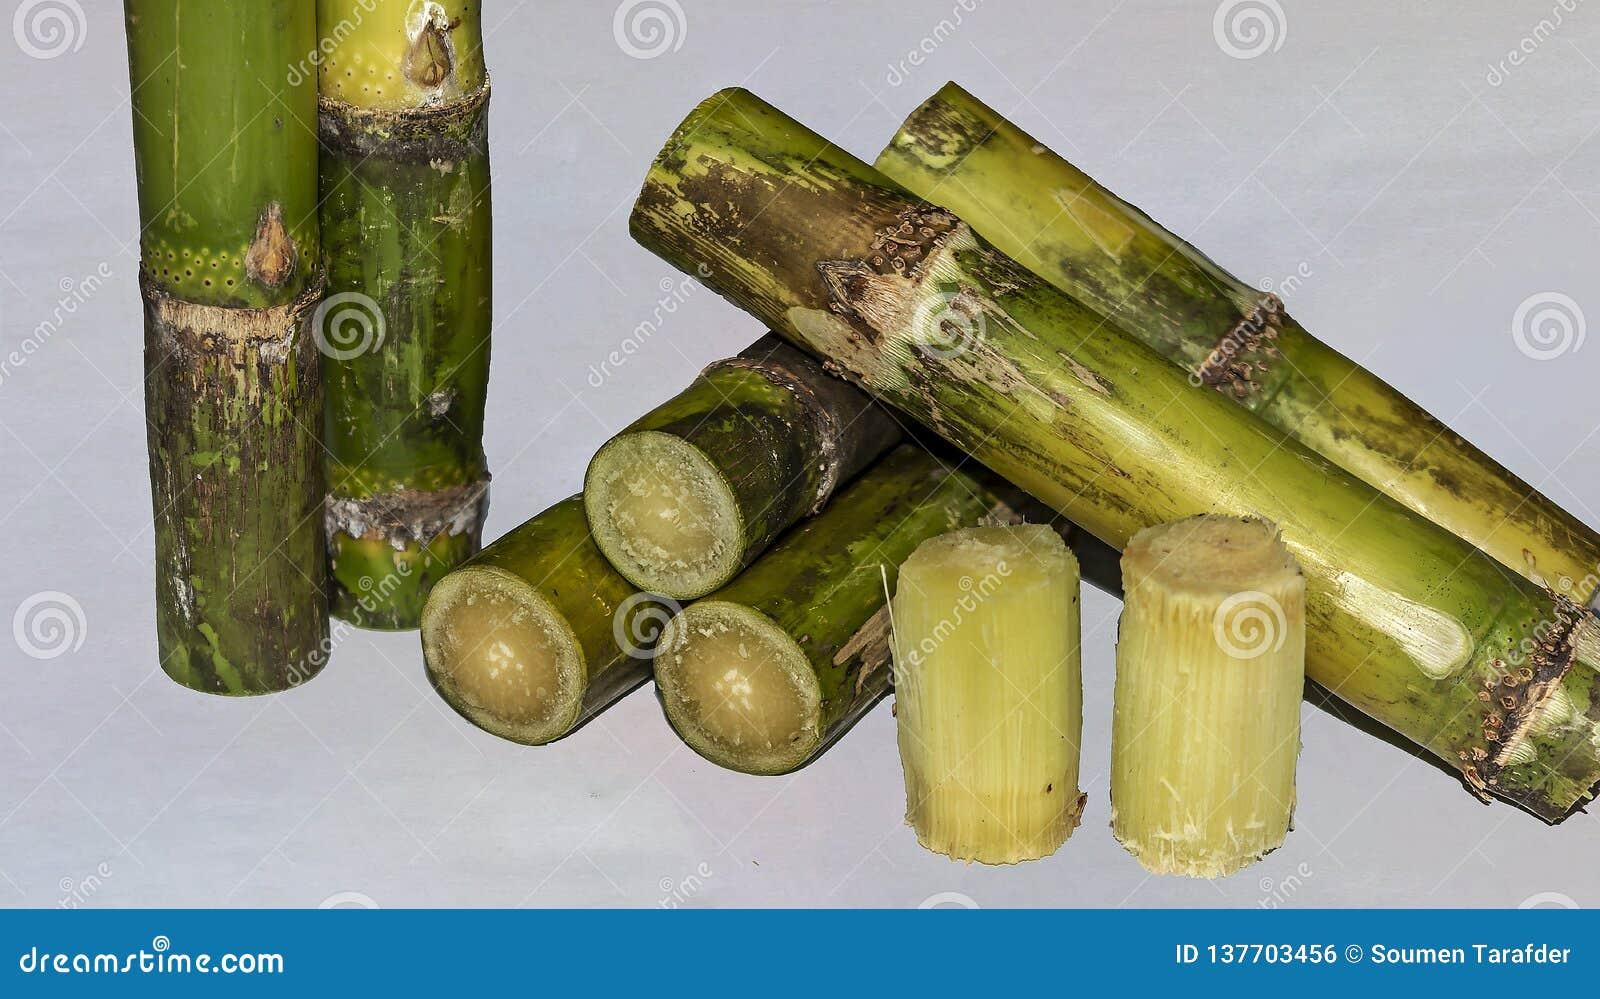 La fine ha tagliato i pezzi di Sugar Cane Isolated On White Background